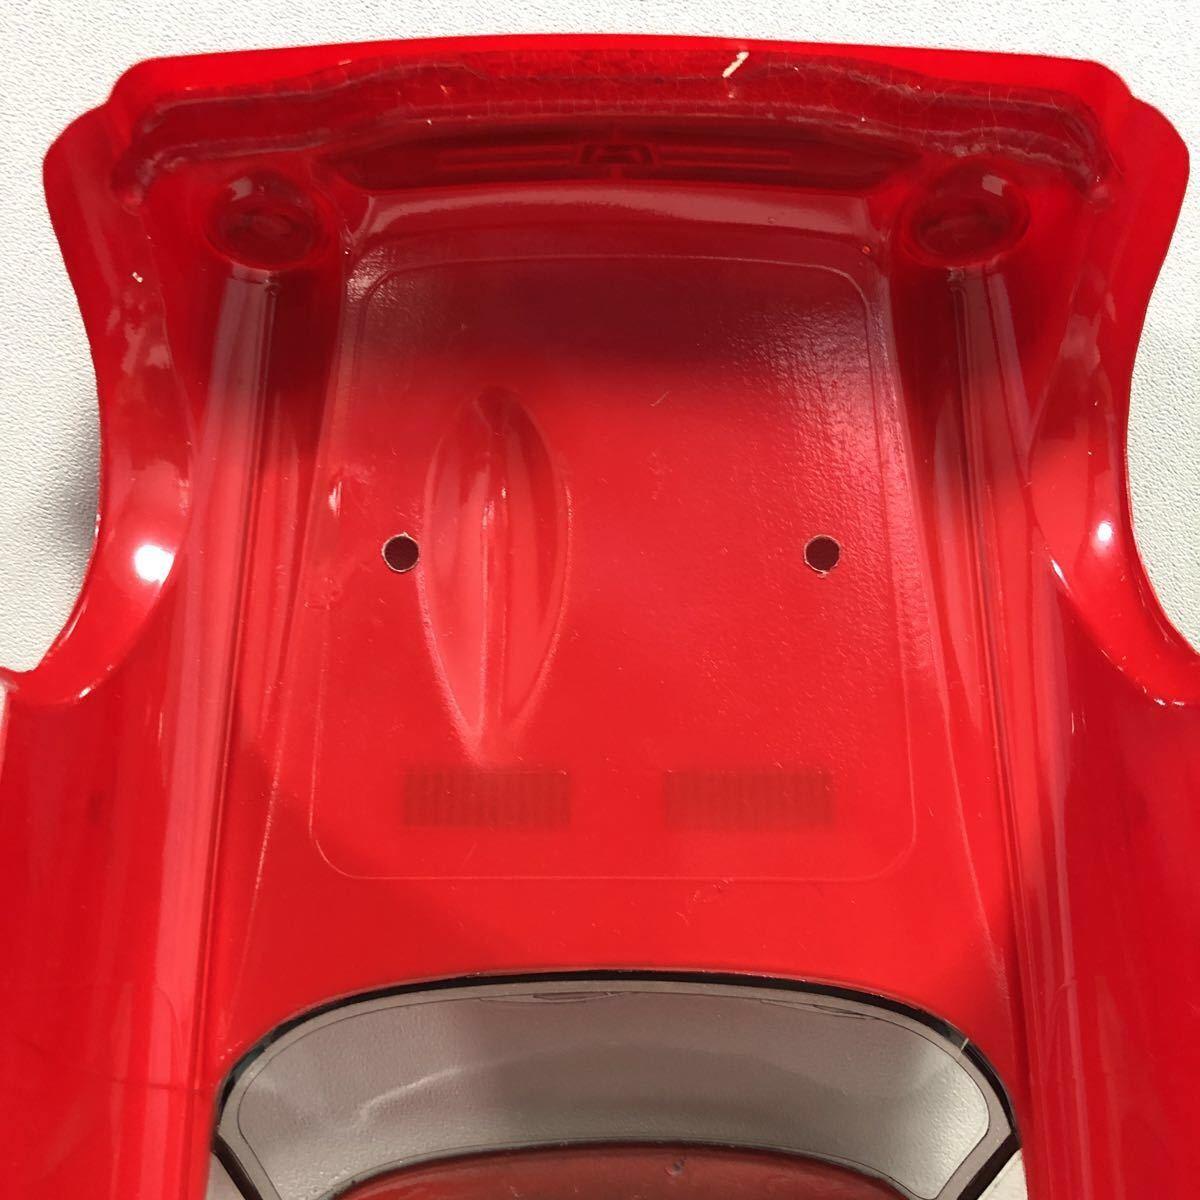 売切!1円スタート!タミヤ 1/10 電動RC ボディ ホンダ S600 Mシャーシ用 塗装済 ジャンク_画像8